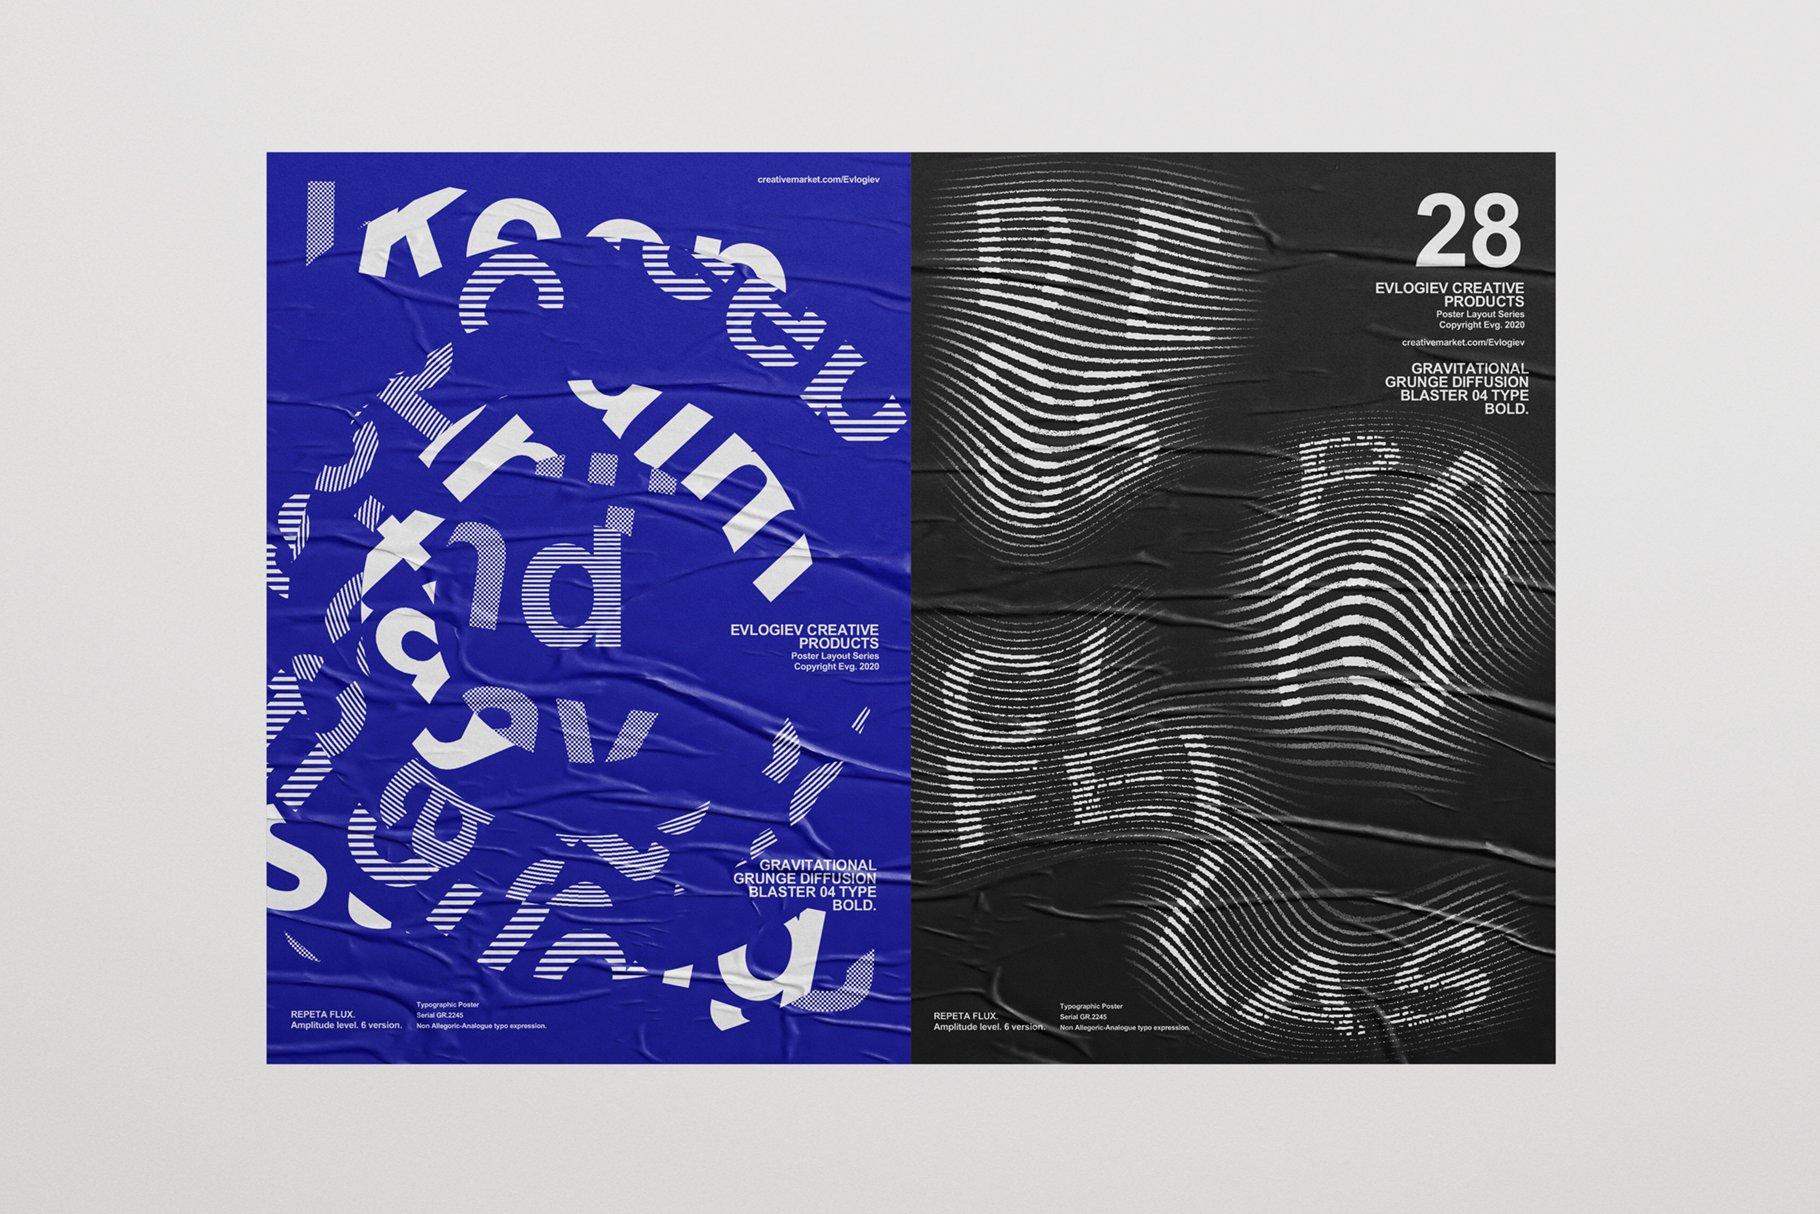 20款创意抽象主视觉海报标题特效字体设计智能贴图样机模板 Typographic Poster Layouts No.01插图(10)